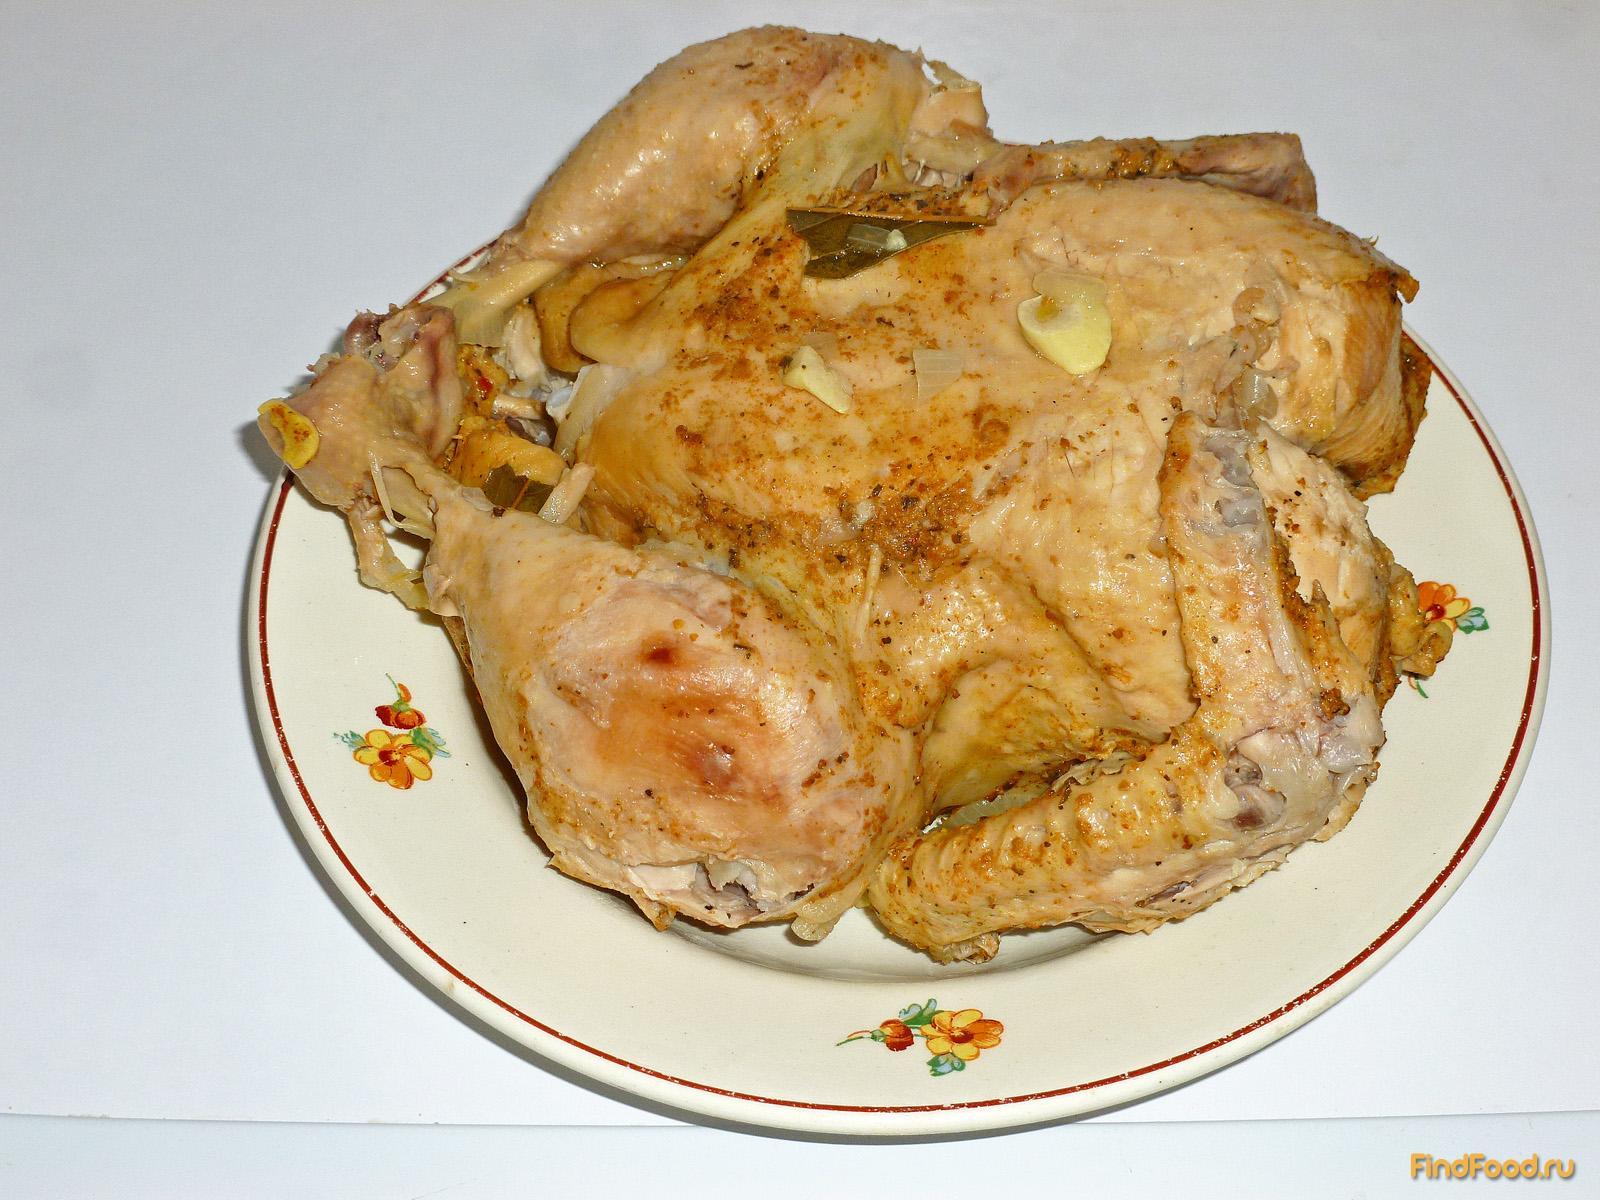 Рецепты из филе голени индейки пошагово